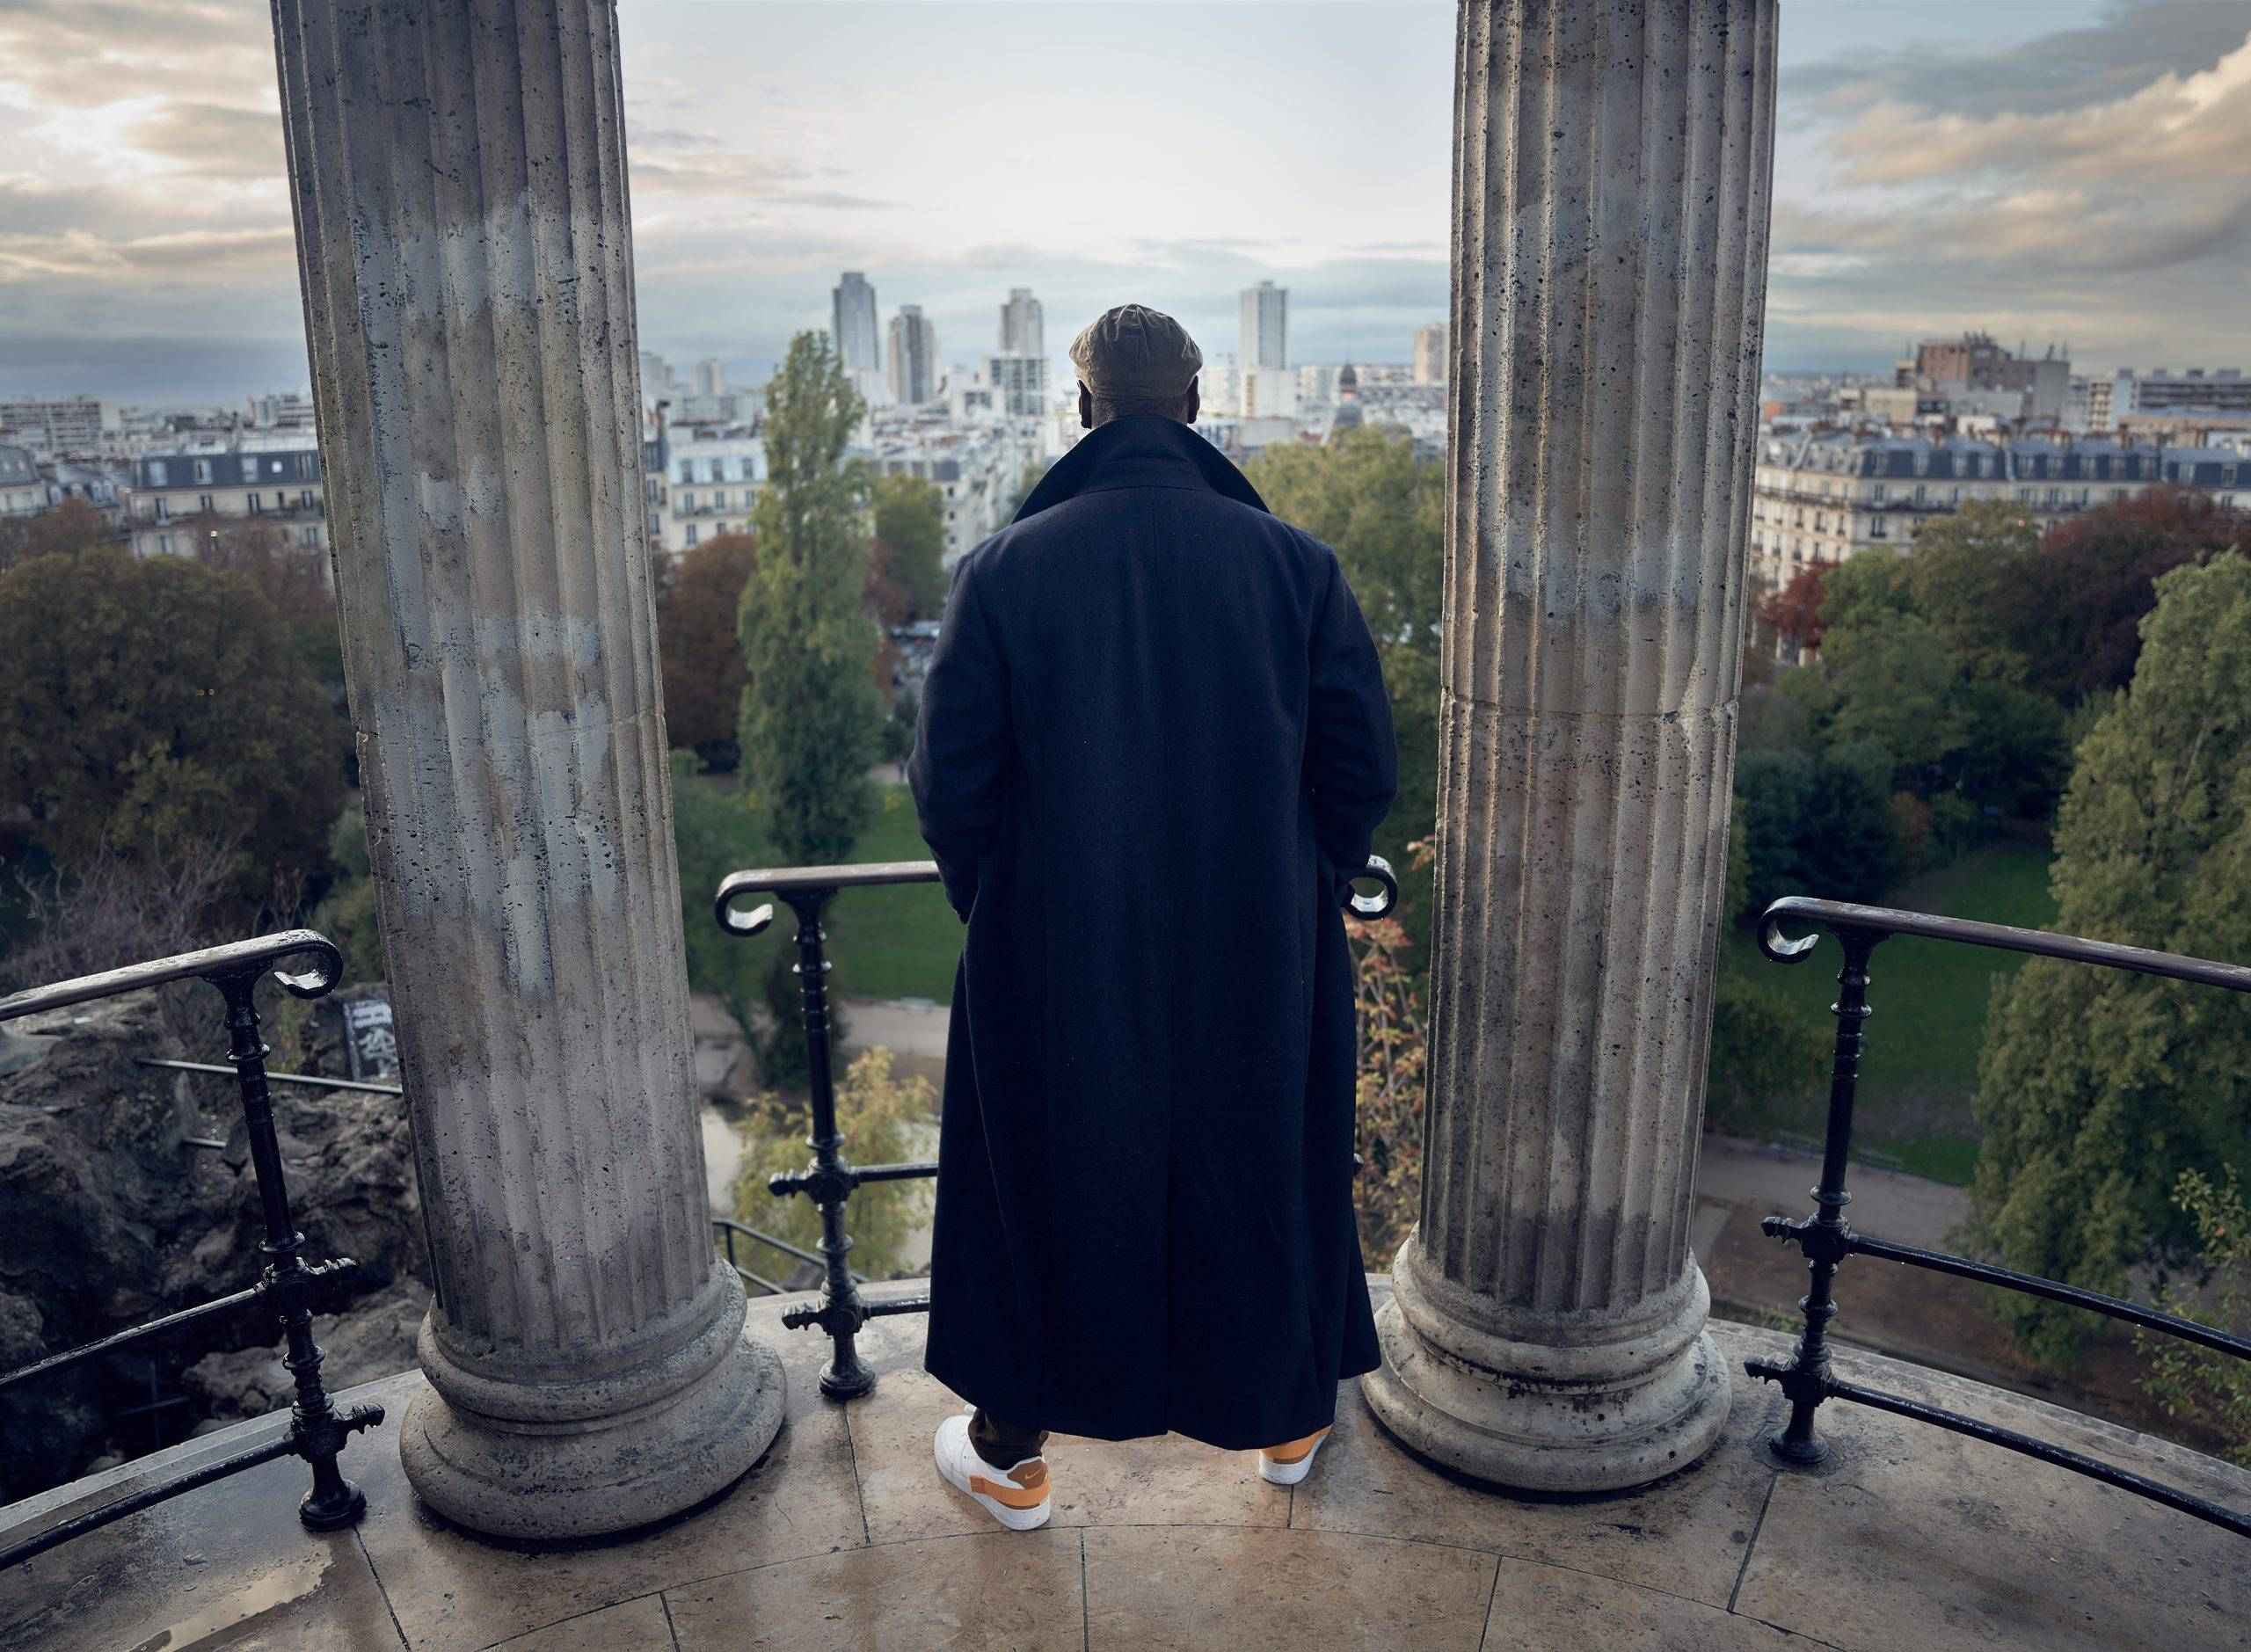 Сериал «Люпен» отNetflix: обзор второго сезона. Внезапные повороты и нелинейное повествование 6